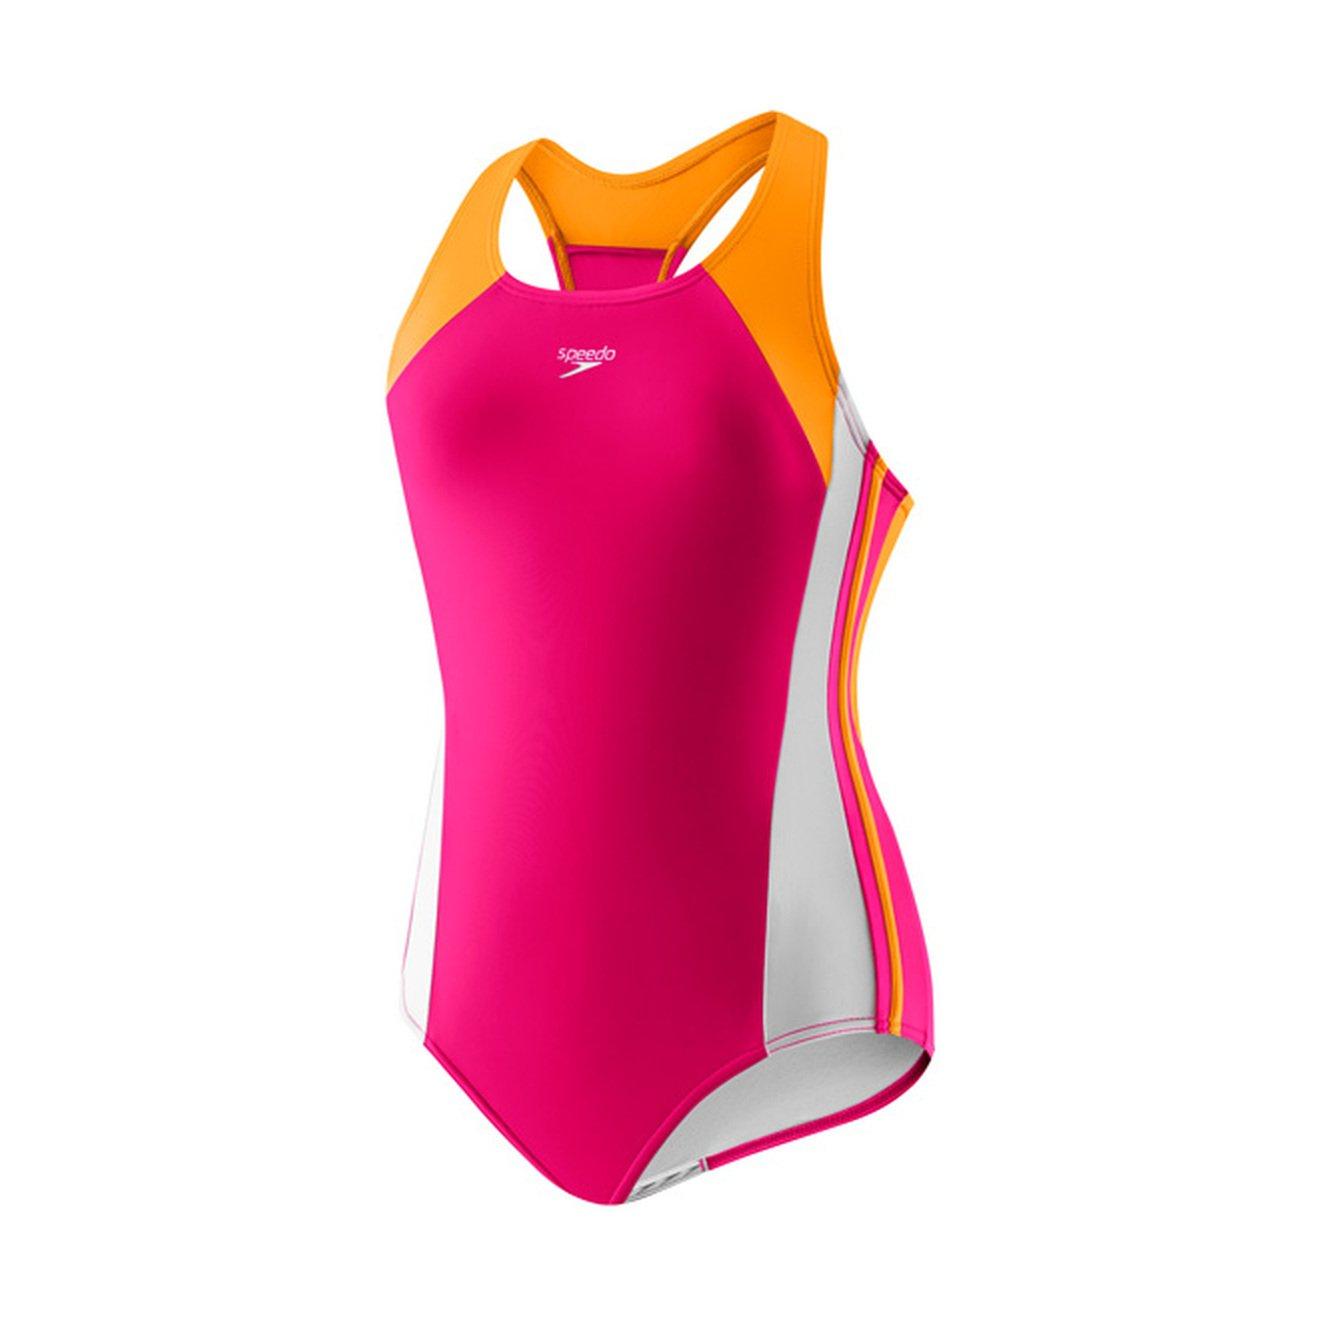 Speedo Girls Infinity Splice One Piece Swimsuit, Size 7, Electric Pink